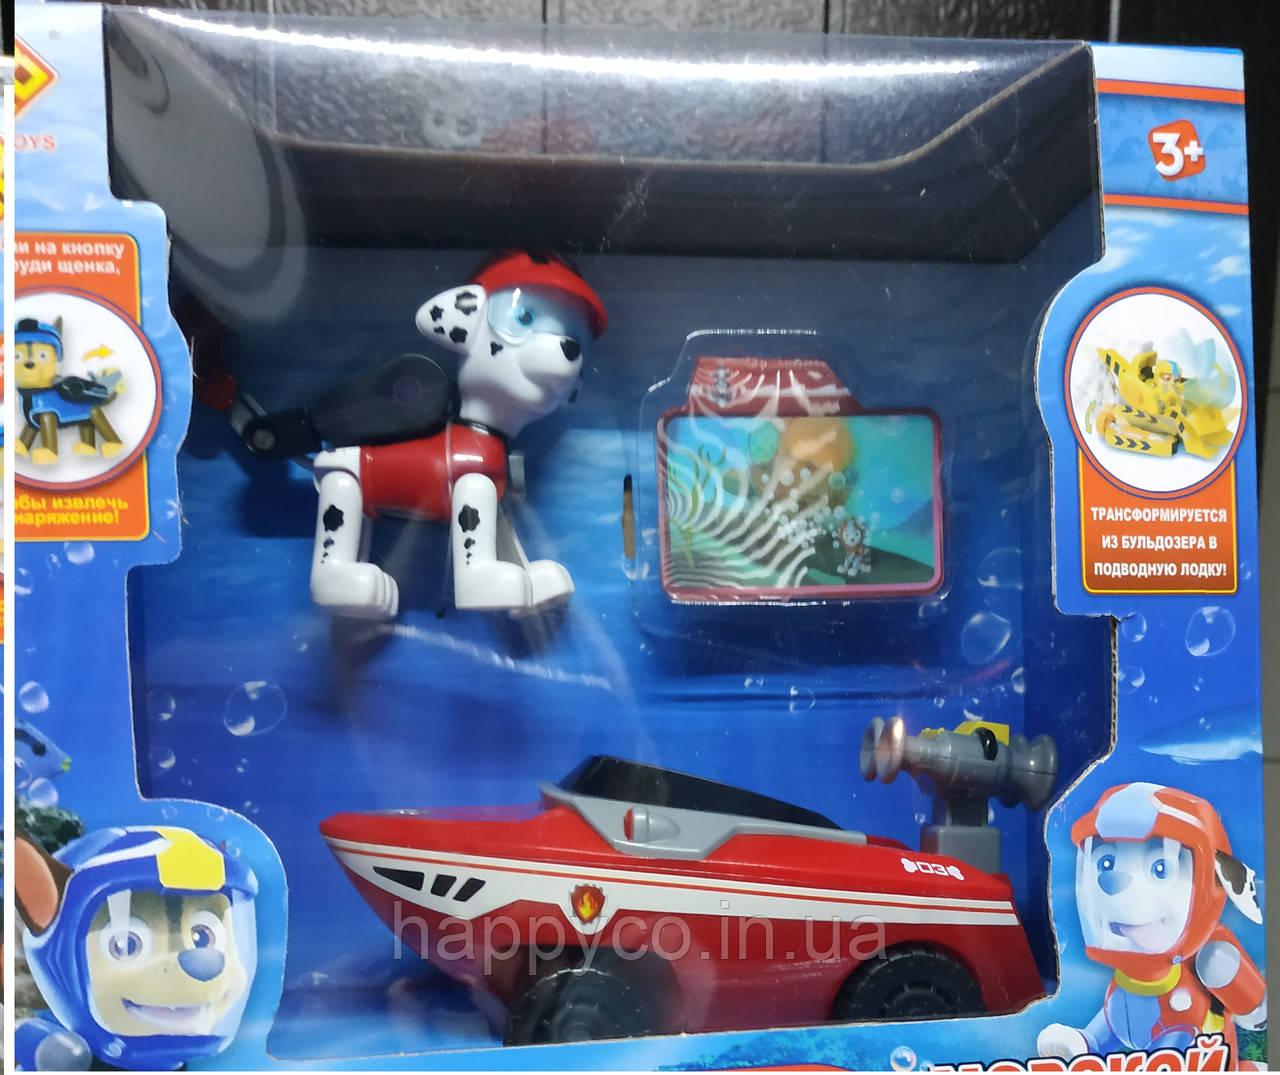 Герои Морской патруль, свет, звук, открывается рюкзачок,  Маршал ,детская игрушка